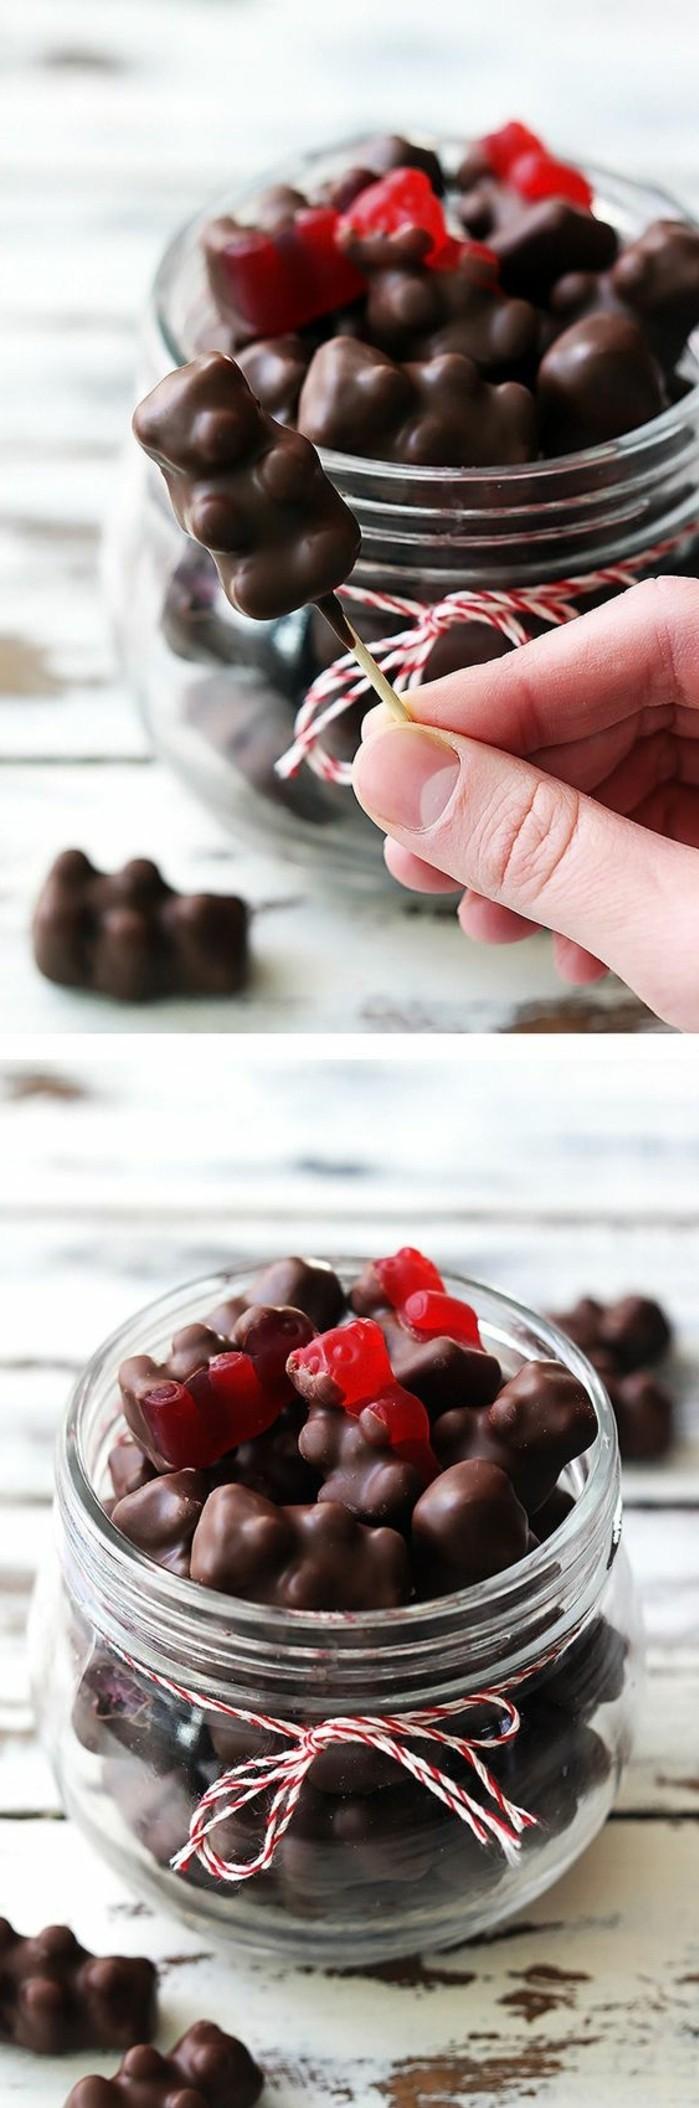 geschenke-aus-der-kuche-mit-schokolade-uberzogenen-gummibarchen